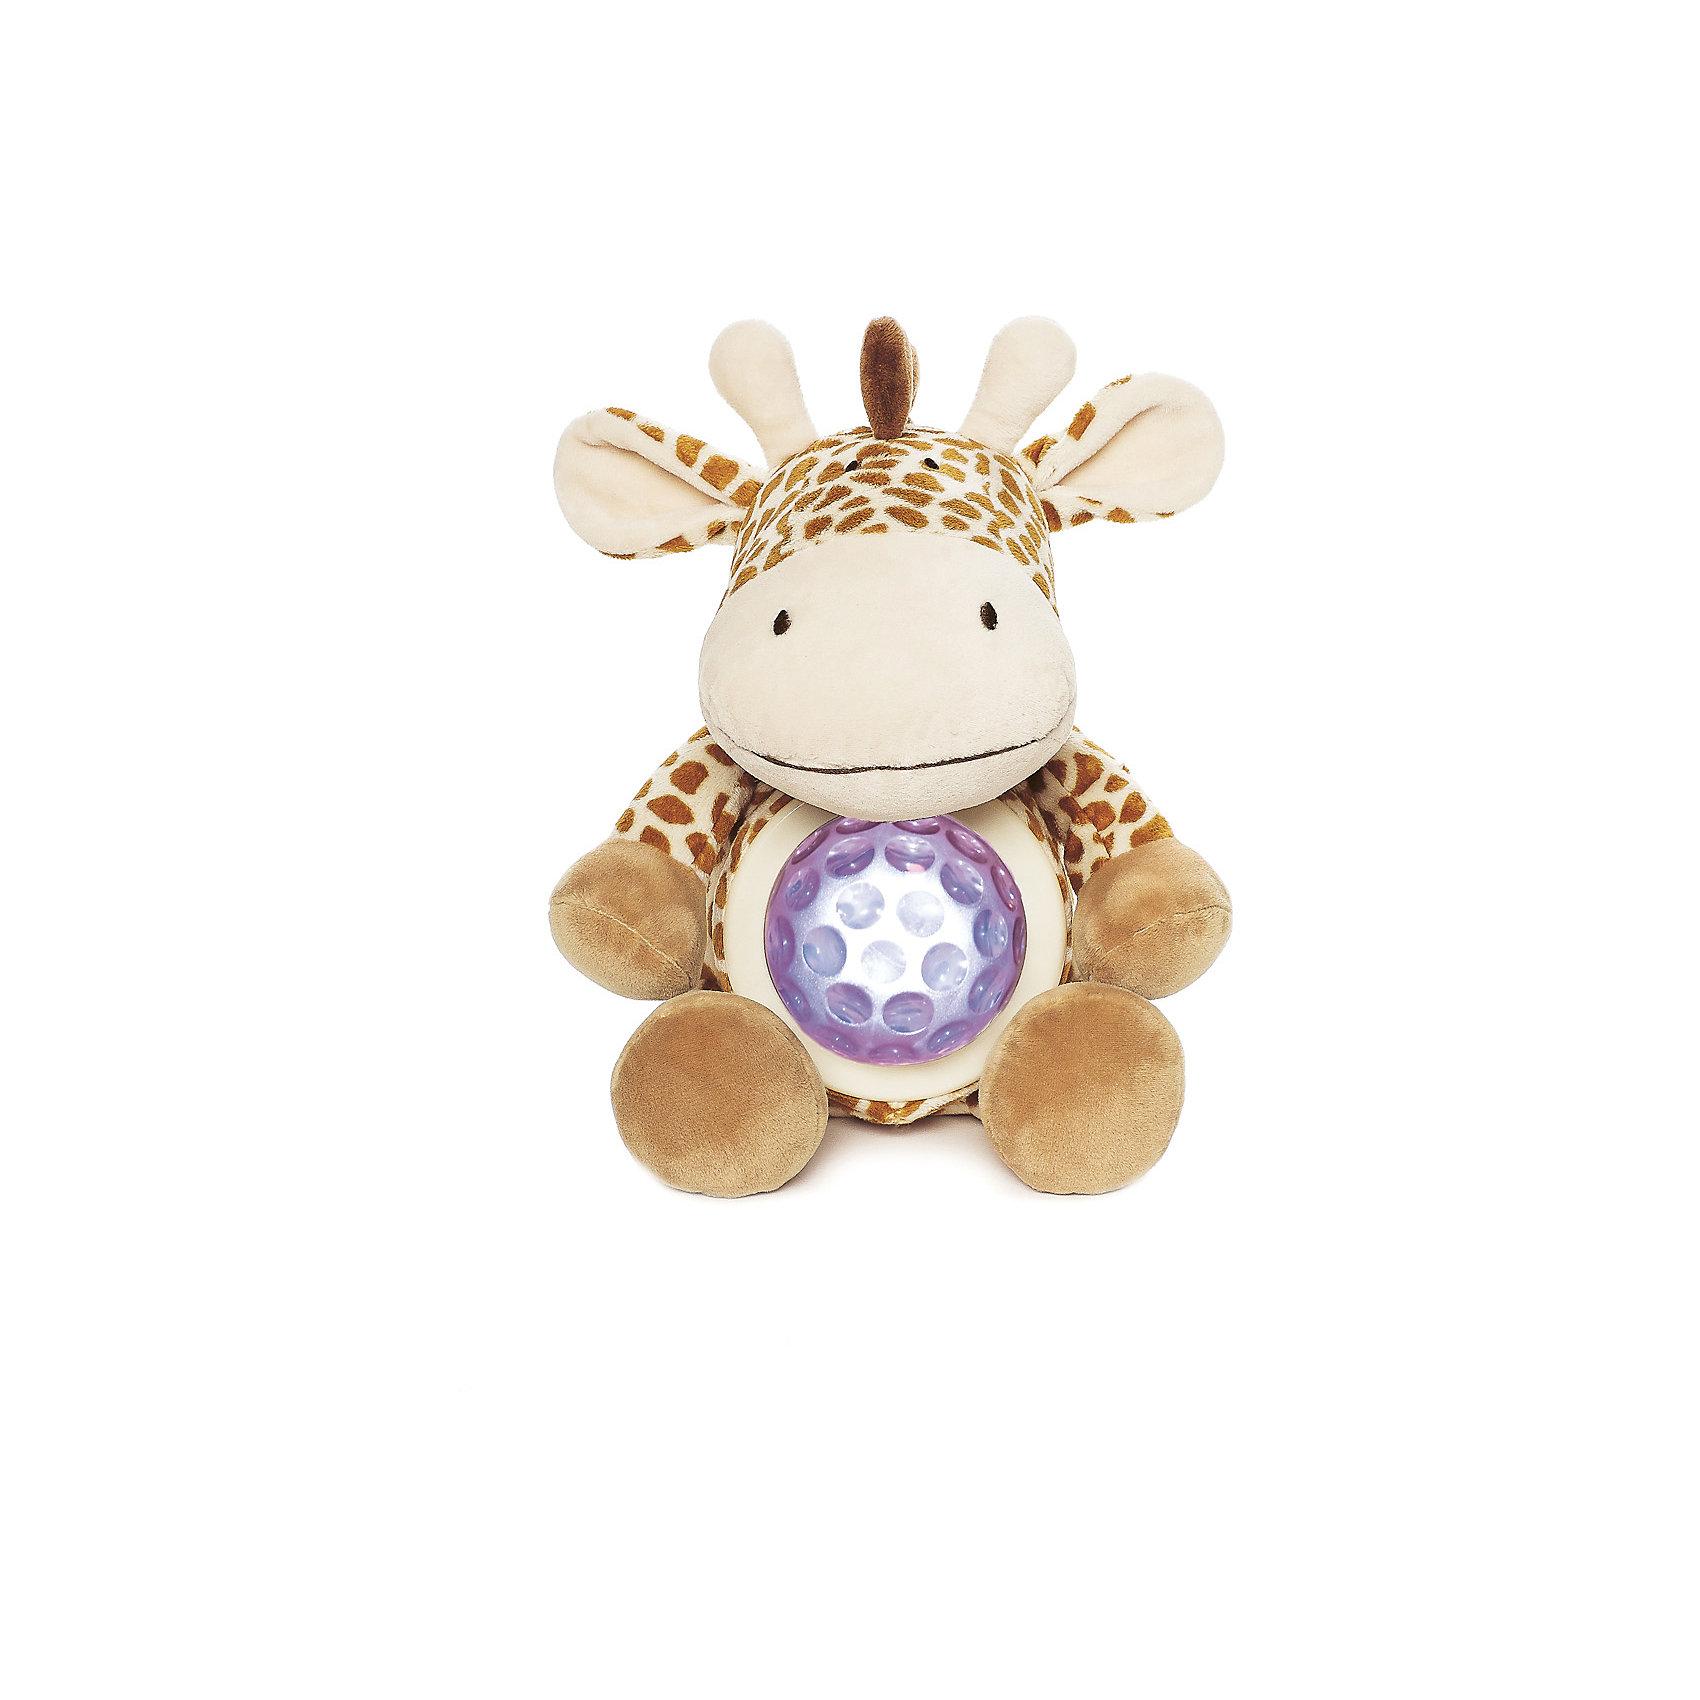 Ночник Жираф, Динглисар, TeddykompanietНочники и проекторы<br>Ночник Жираф, Динглисар, Teddykompaniet (Тэдди и компания) - подарит уют и спокойствие вашему малышу.<br>Ночник в виде милого улыбающегося жирафика создаст спокойную атмосферу, идеальную для того, чтобы малыш мог легко и быстро заснуть. Ночник проецирует звездное небо и работает в двух режимах. В первом режиме мягкий прозрачный свет, во втором режиме – меняет цвета (3 цвета). Чтобы активировать работу ночника, необходимо нажать на животик жирафа. Продукция соответствует европейским и российским стандартам качества.<br><br>Дополнительная информация:<br><br>- Размер: 23 см.<br>- Материал: текстиль<br>- Предусмотрено автоматическое отключение после 10 мин непрерывной работы<br>- Батарейки: 3 типа АА (в комплект не входят)<br><br>Ночник Жираф, Динглисар, Teddykompaniet (Тэдди и компания) можно купить в нашем интернет-магазине.<br><br>Ширина мм: 250<br>Глубина мм: 150<br>Высота мм: 100<br>Вес г: 220<br>Возраст от месяцев: 0<br>Возраст до месяцев: 36<br>Пол: Унисекс<br>Возраст: Детский<br>SKU: 4902222